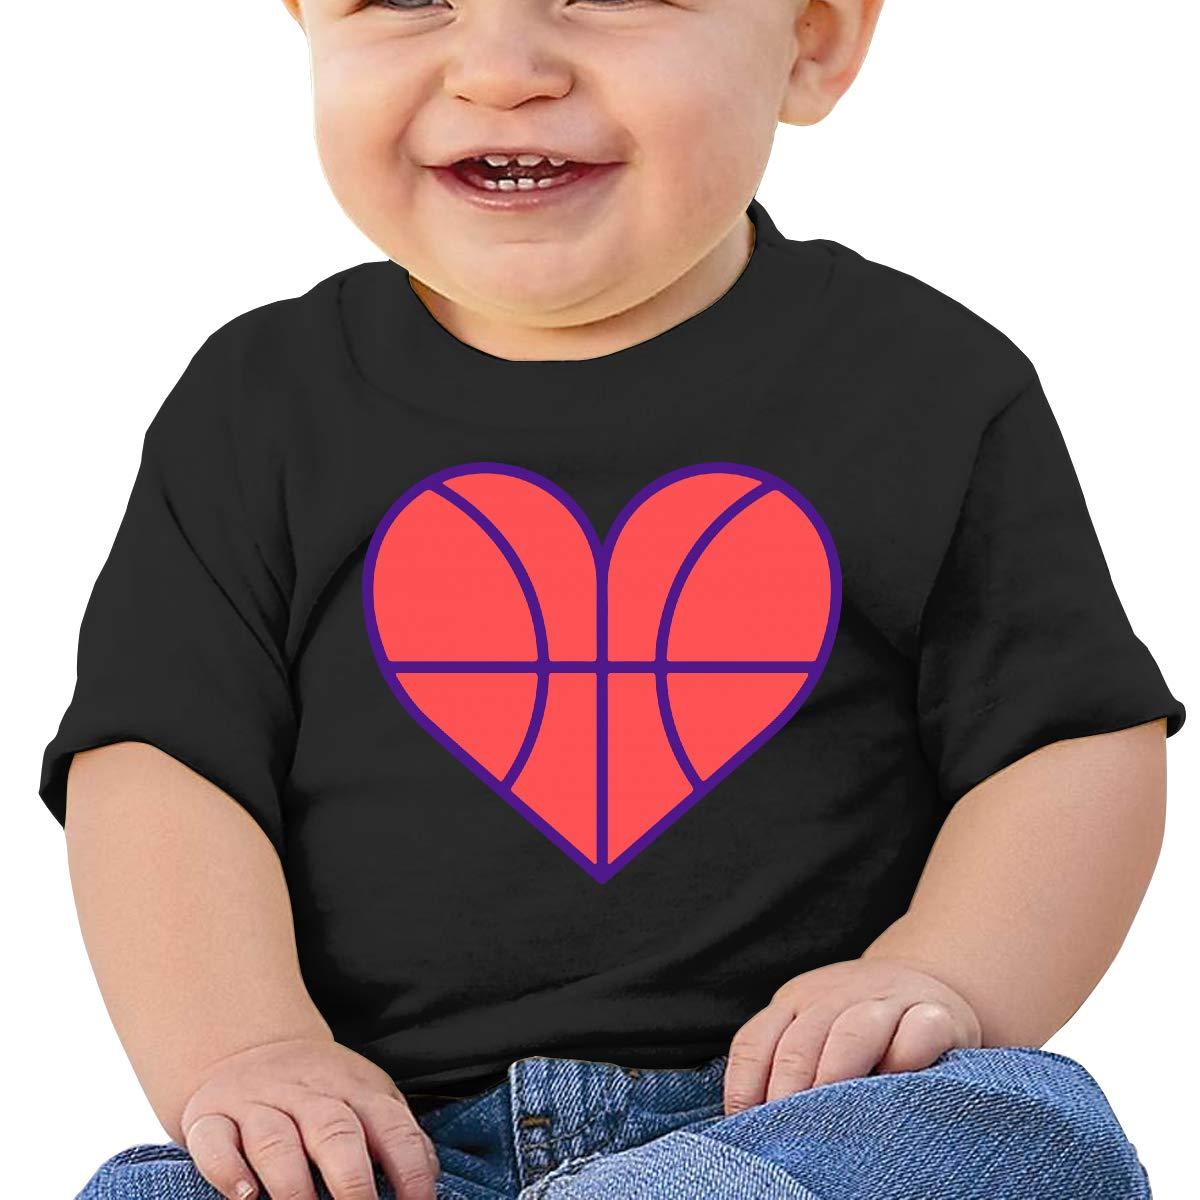 Basketball Love Baby Girl Newborn Short Sleeve T-Shirt 6-24 Month Cotton Tops